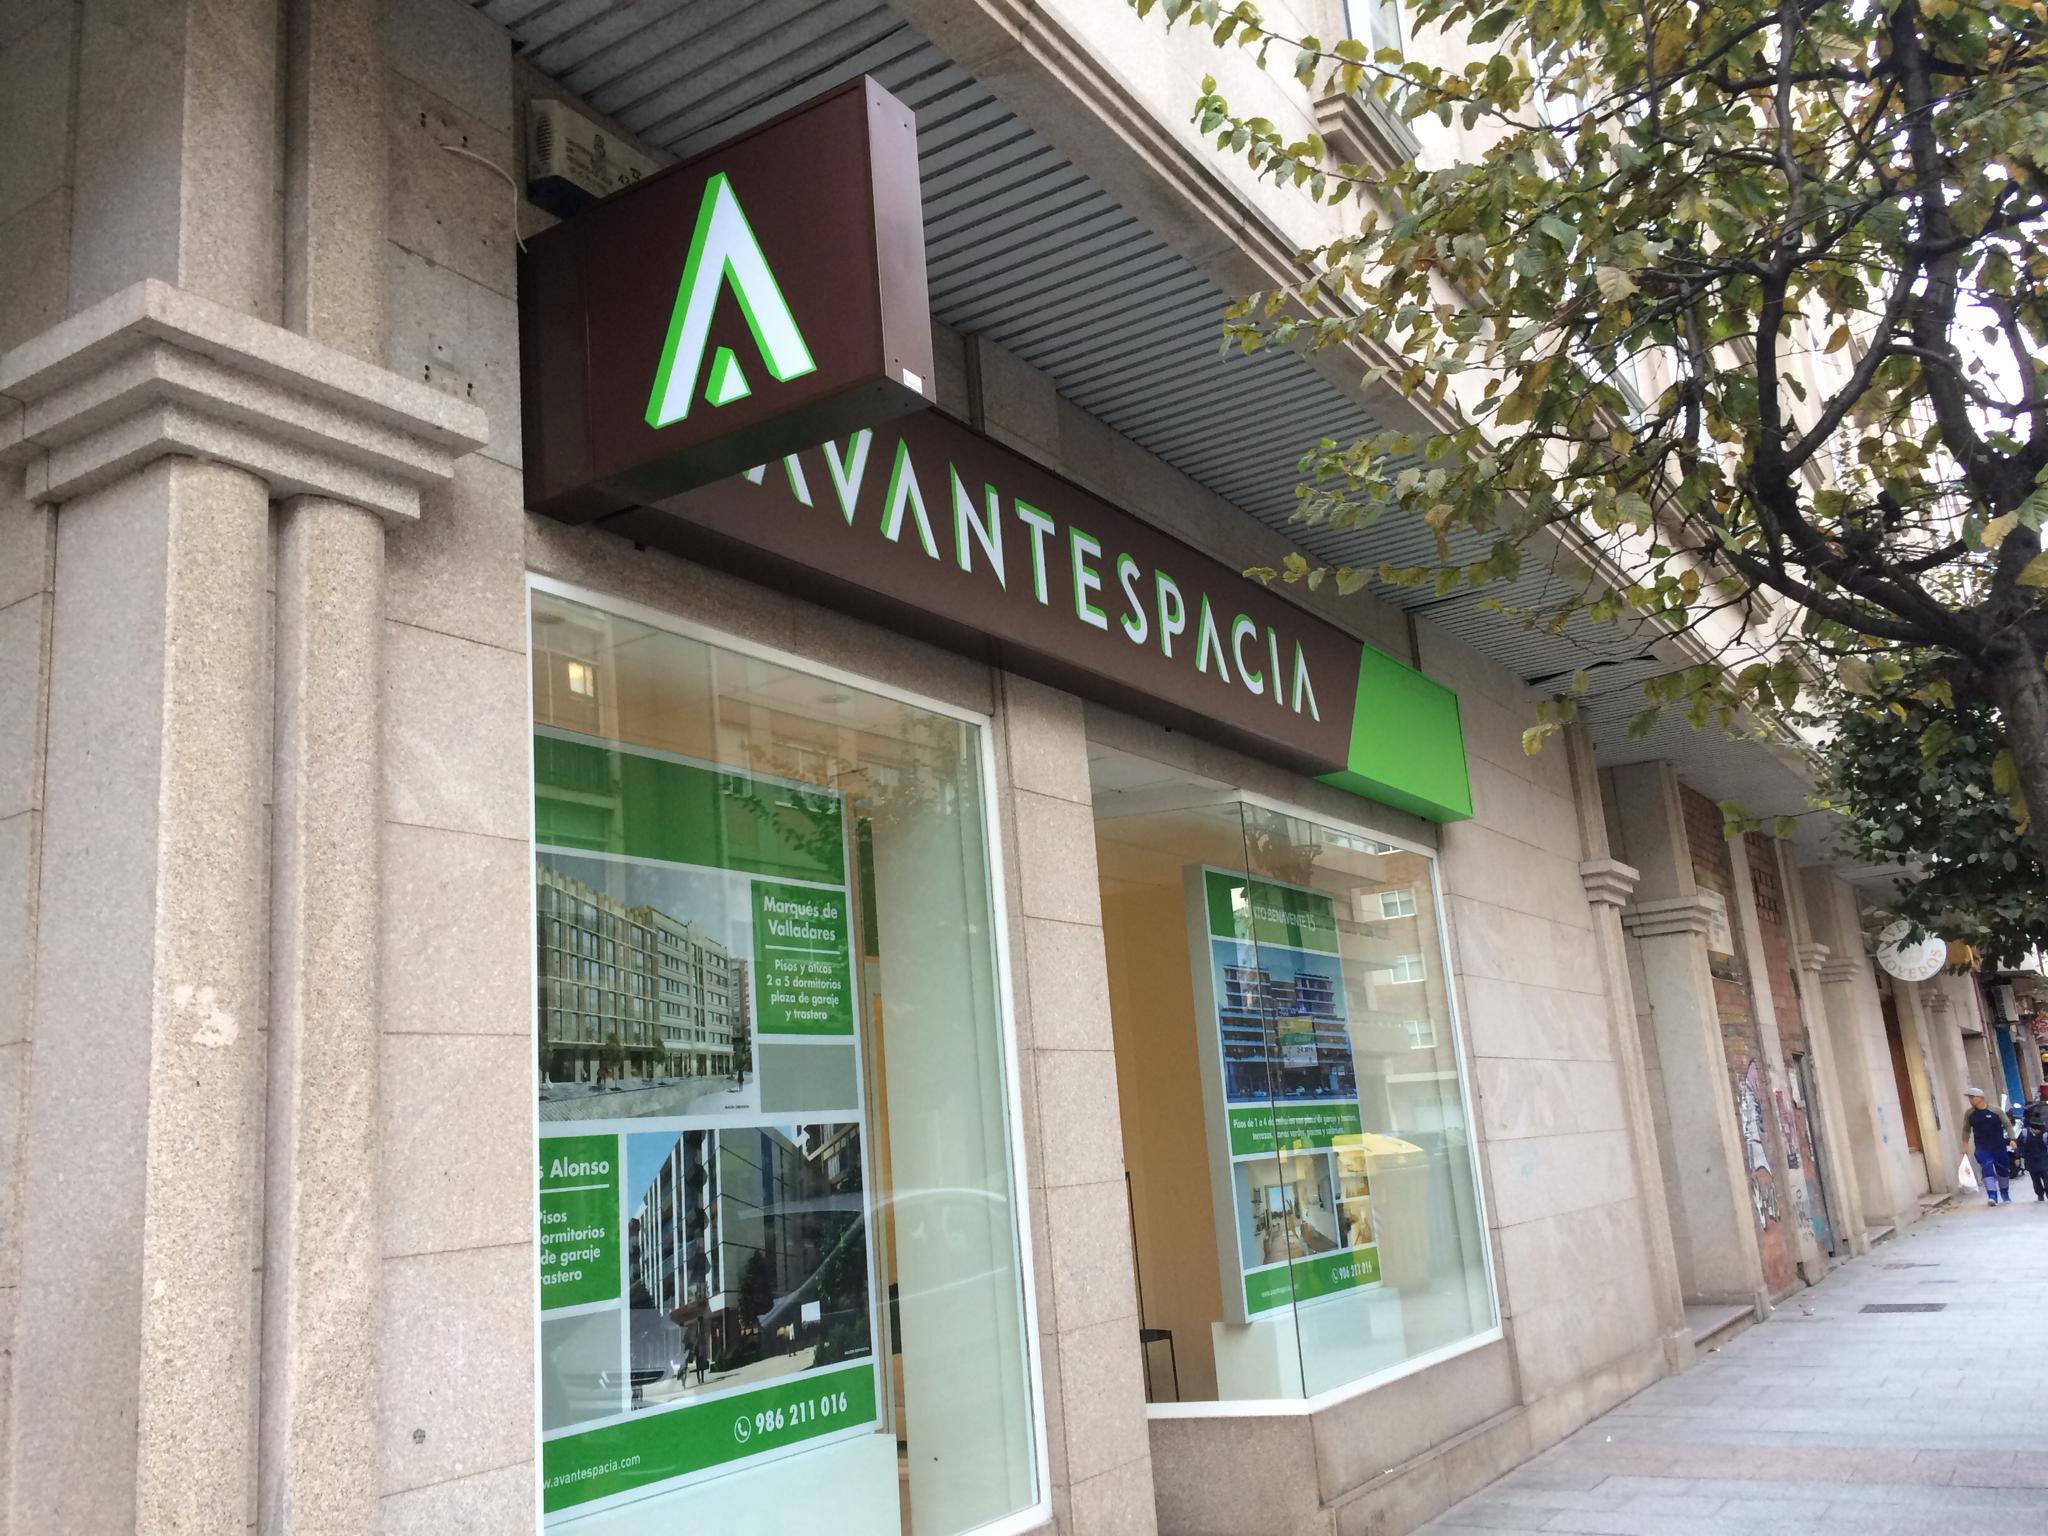 Avantespacia estrena oficina comercial en Vigo